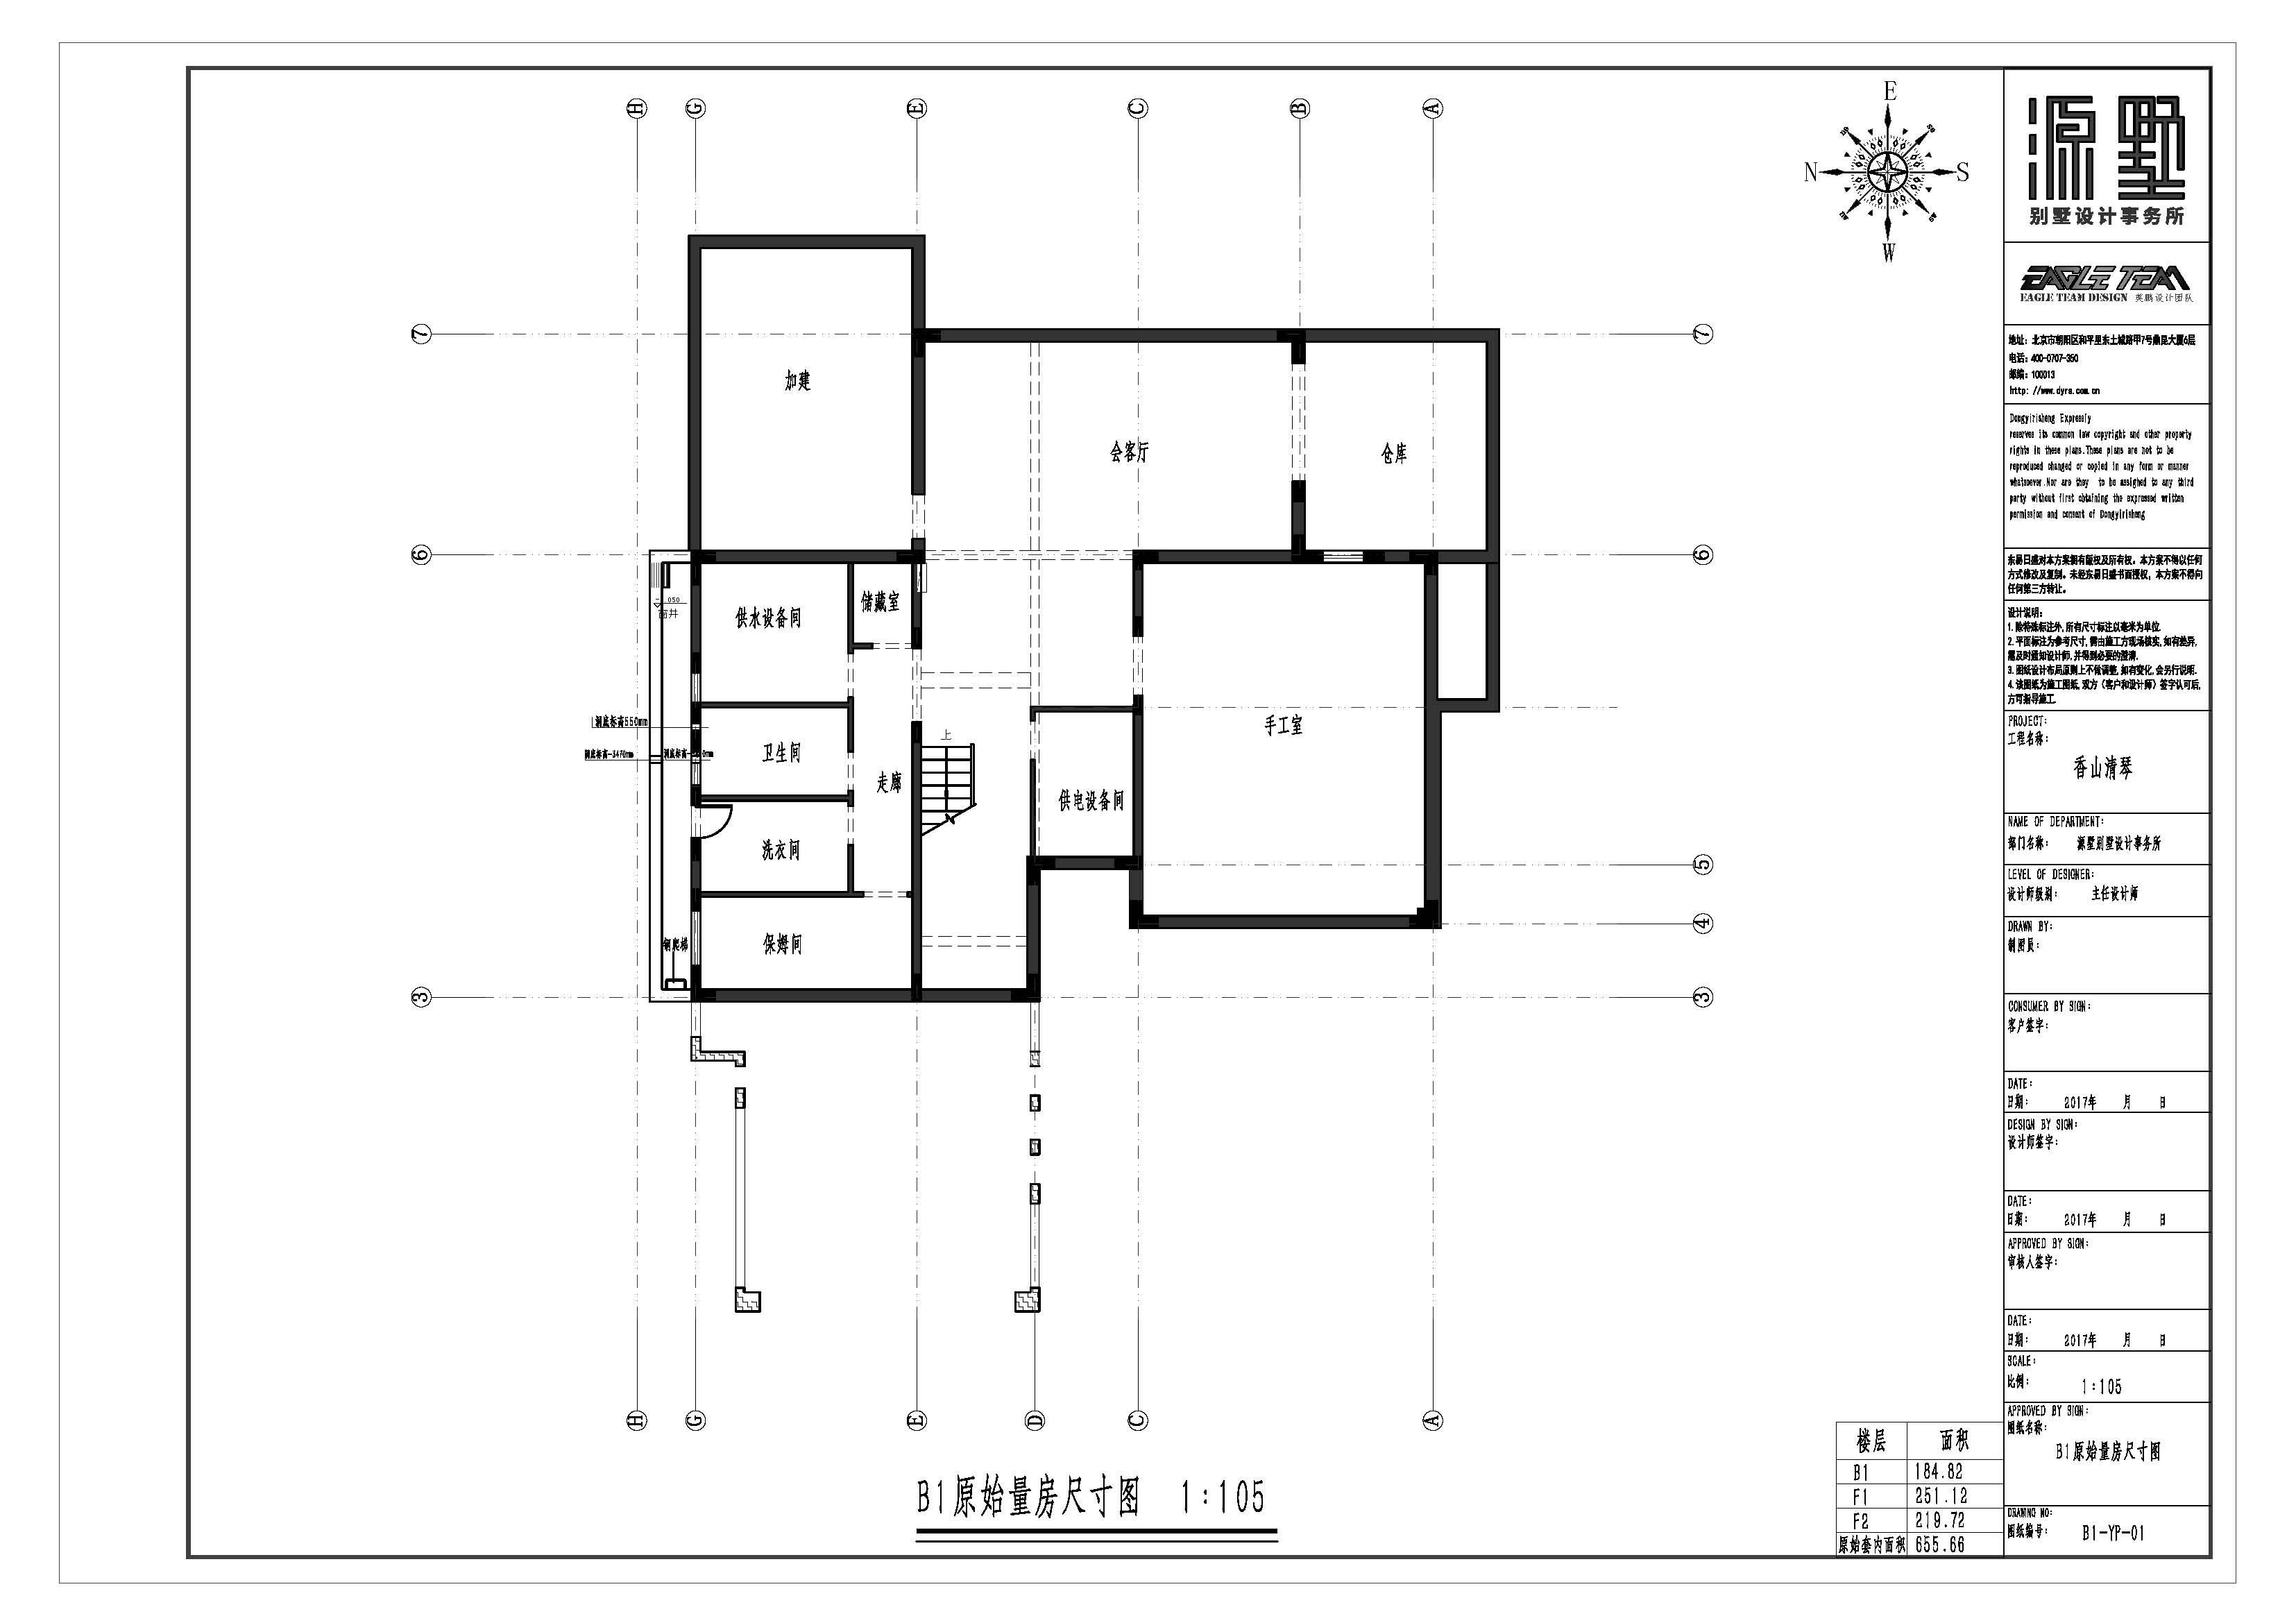 香山清琴-655.66平米-现代大都会风格装修设计理念